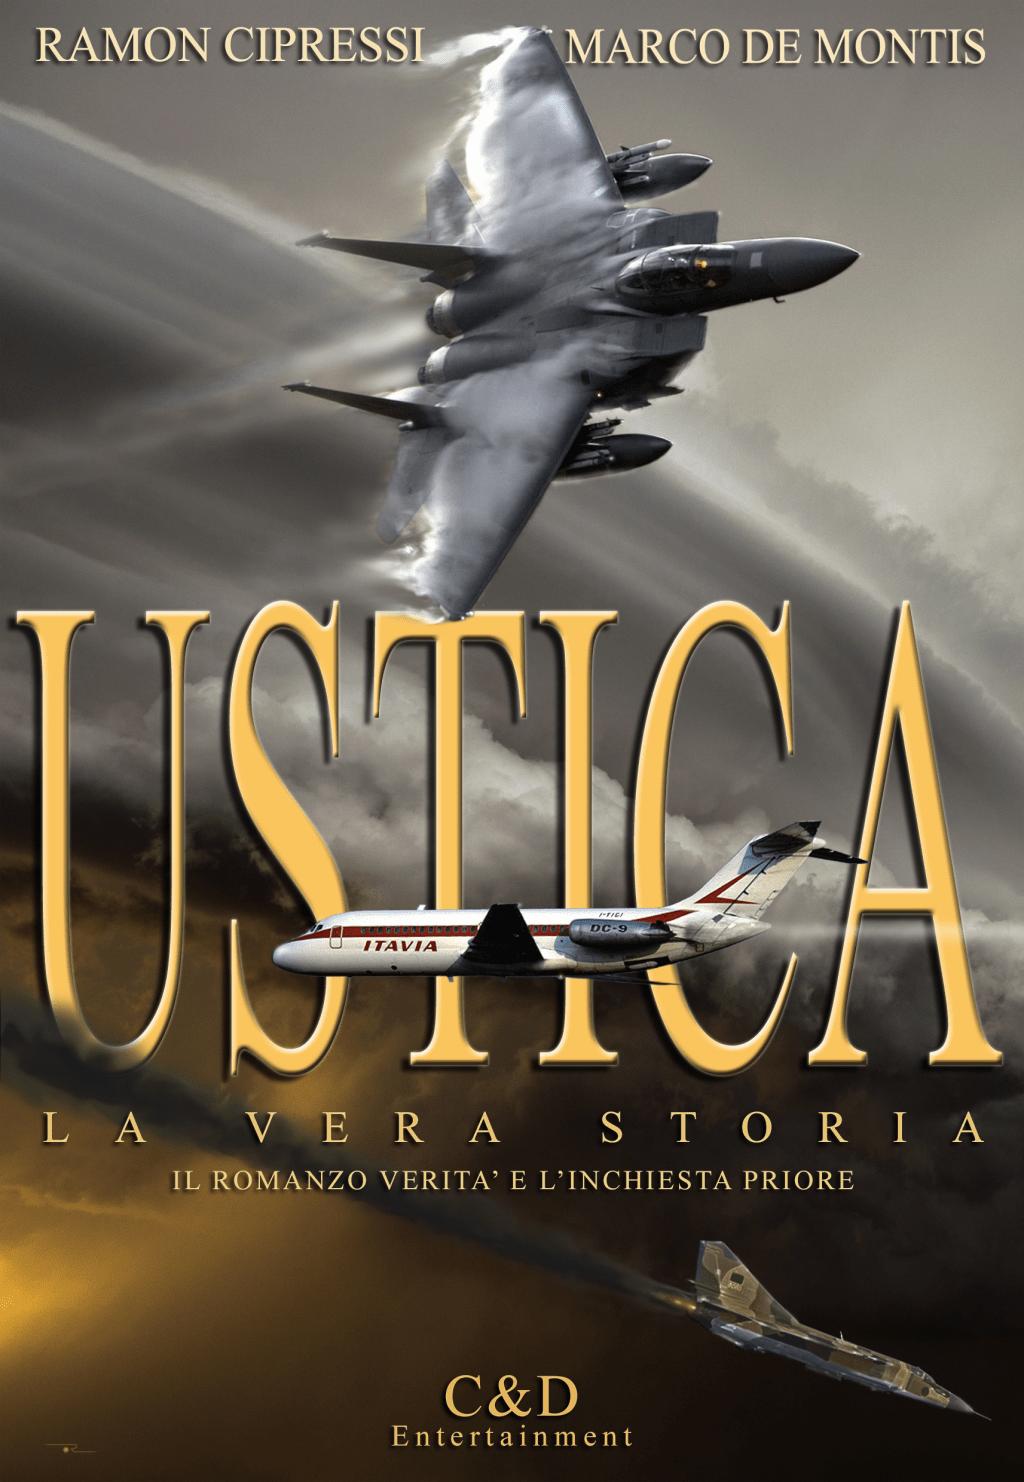 Ustica la vera storia: intervista agli autori Ramon Cipressi e Marco De Montis